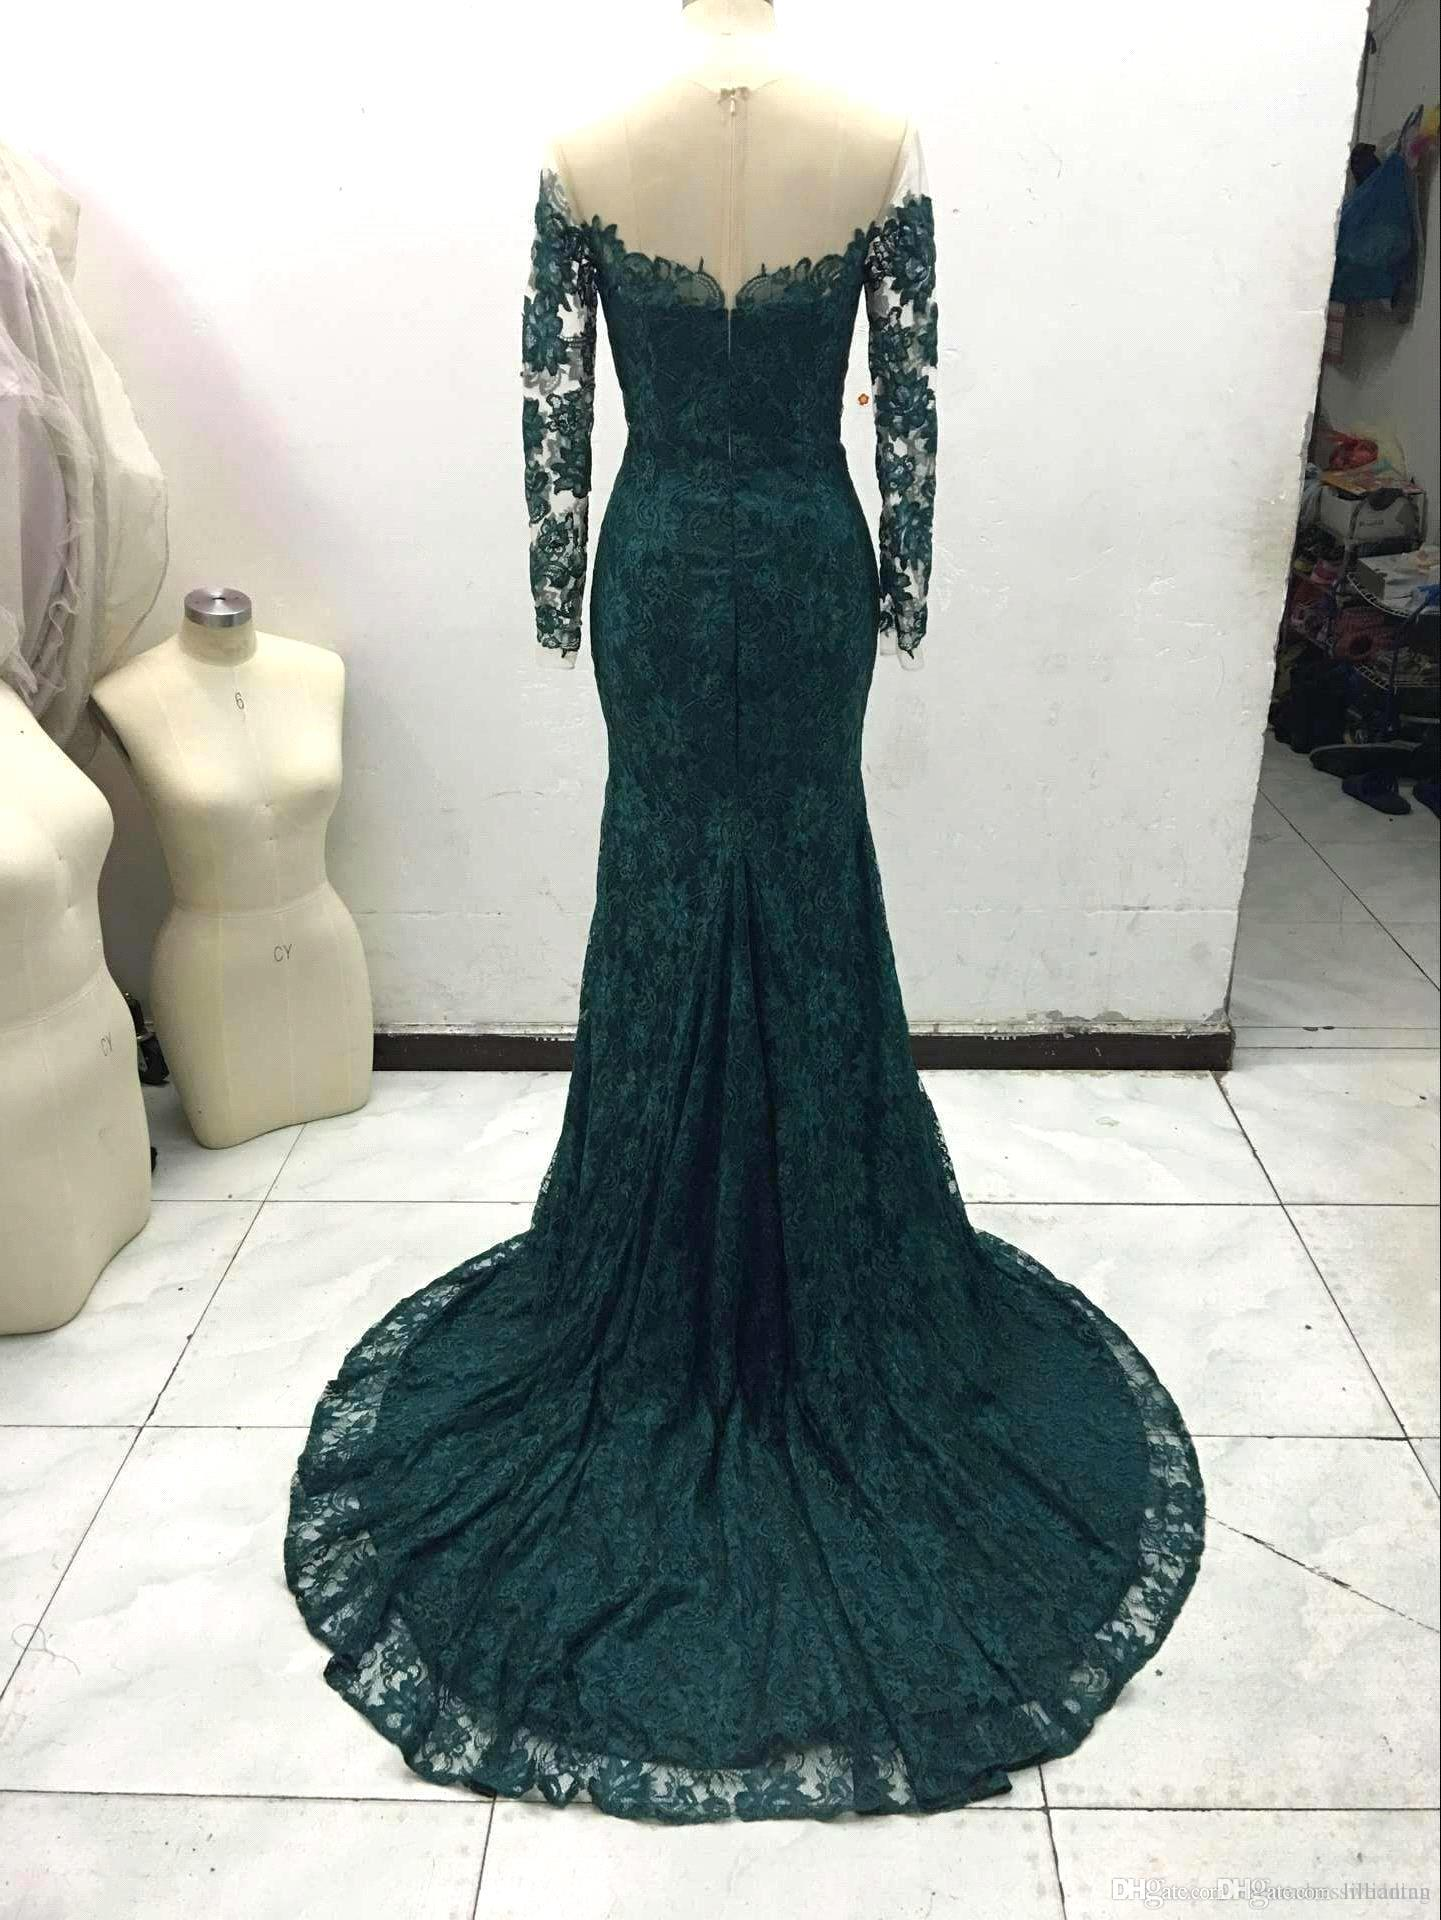 Neue Ankunft Elegante Grüne Spitze 2016 Meerjungfrau Langarm Prom Kleider Sexy Sheer Emerald Formale Abendkleider Party Kleider vestido de festa